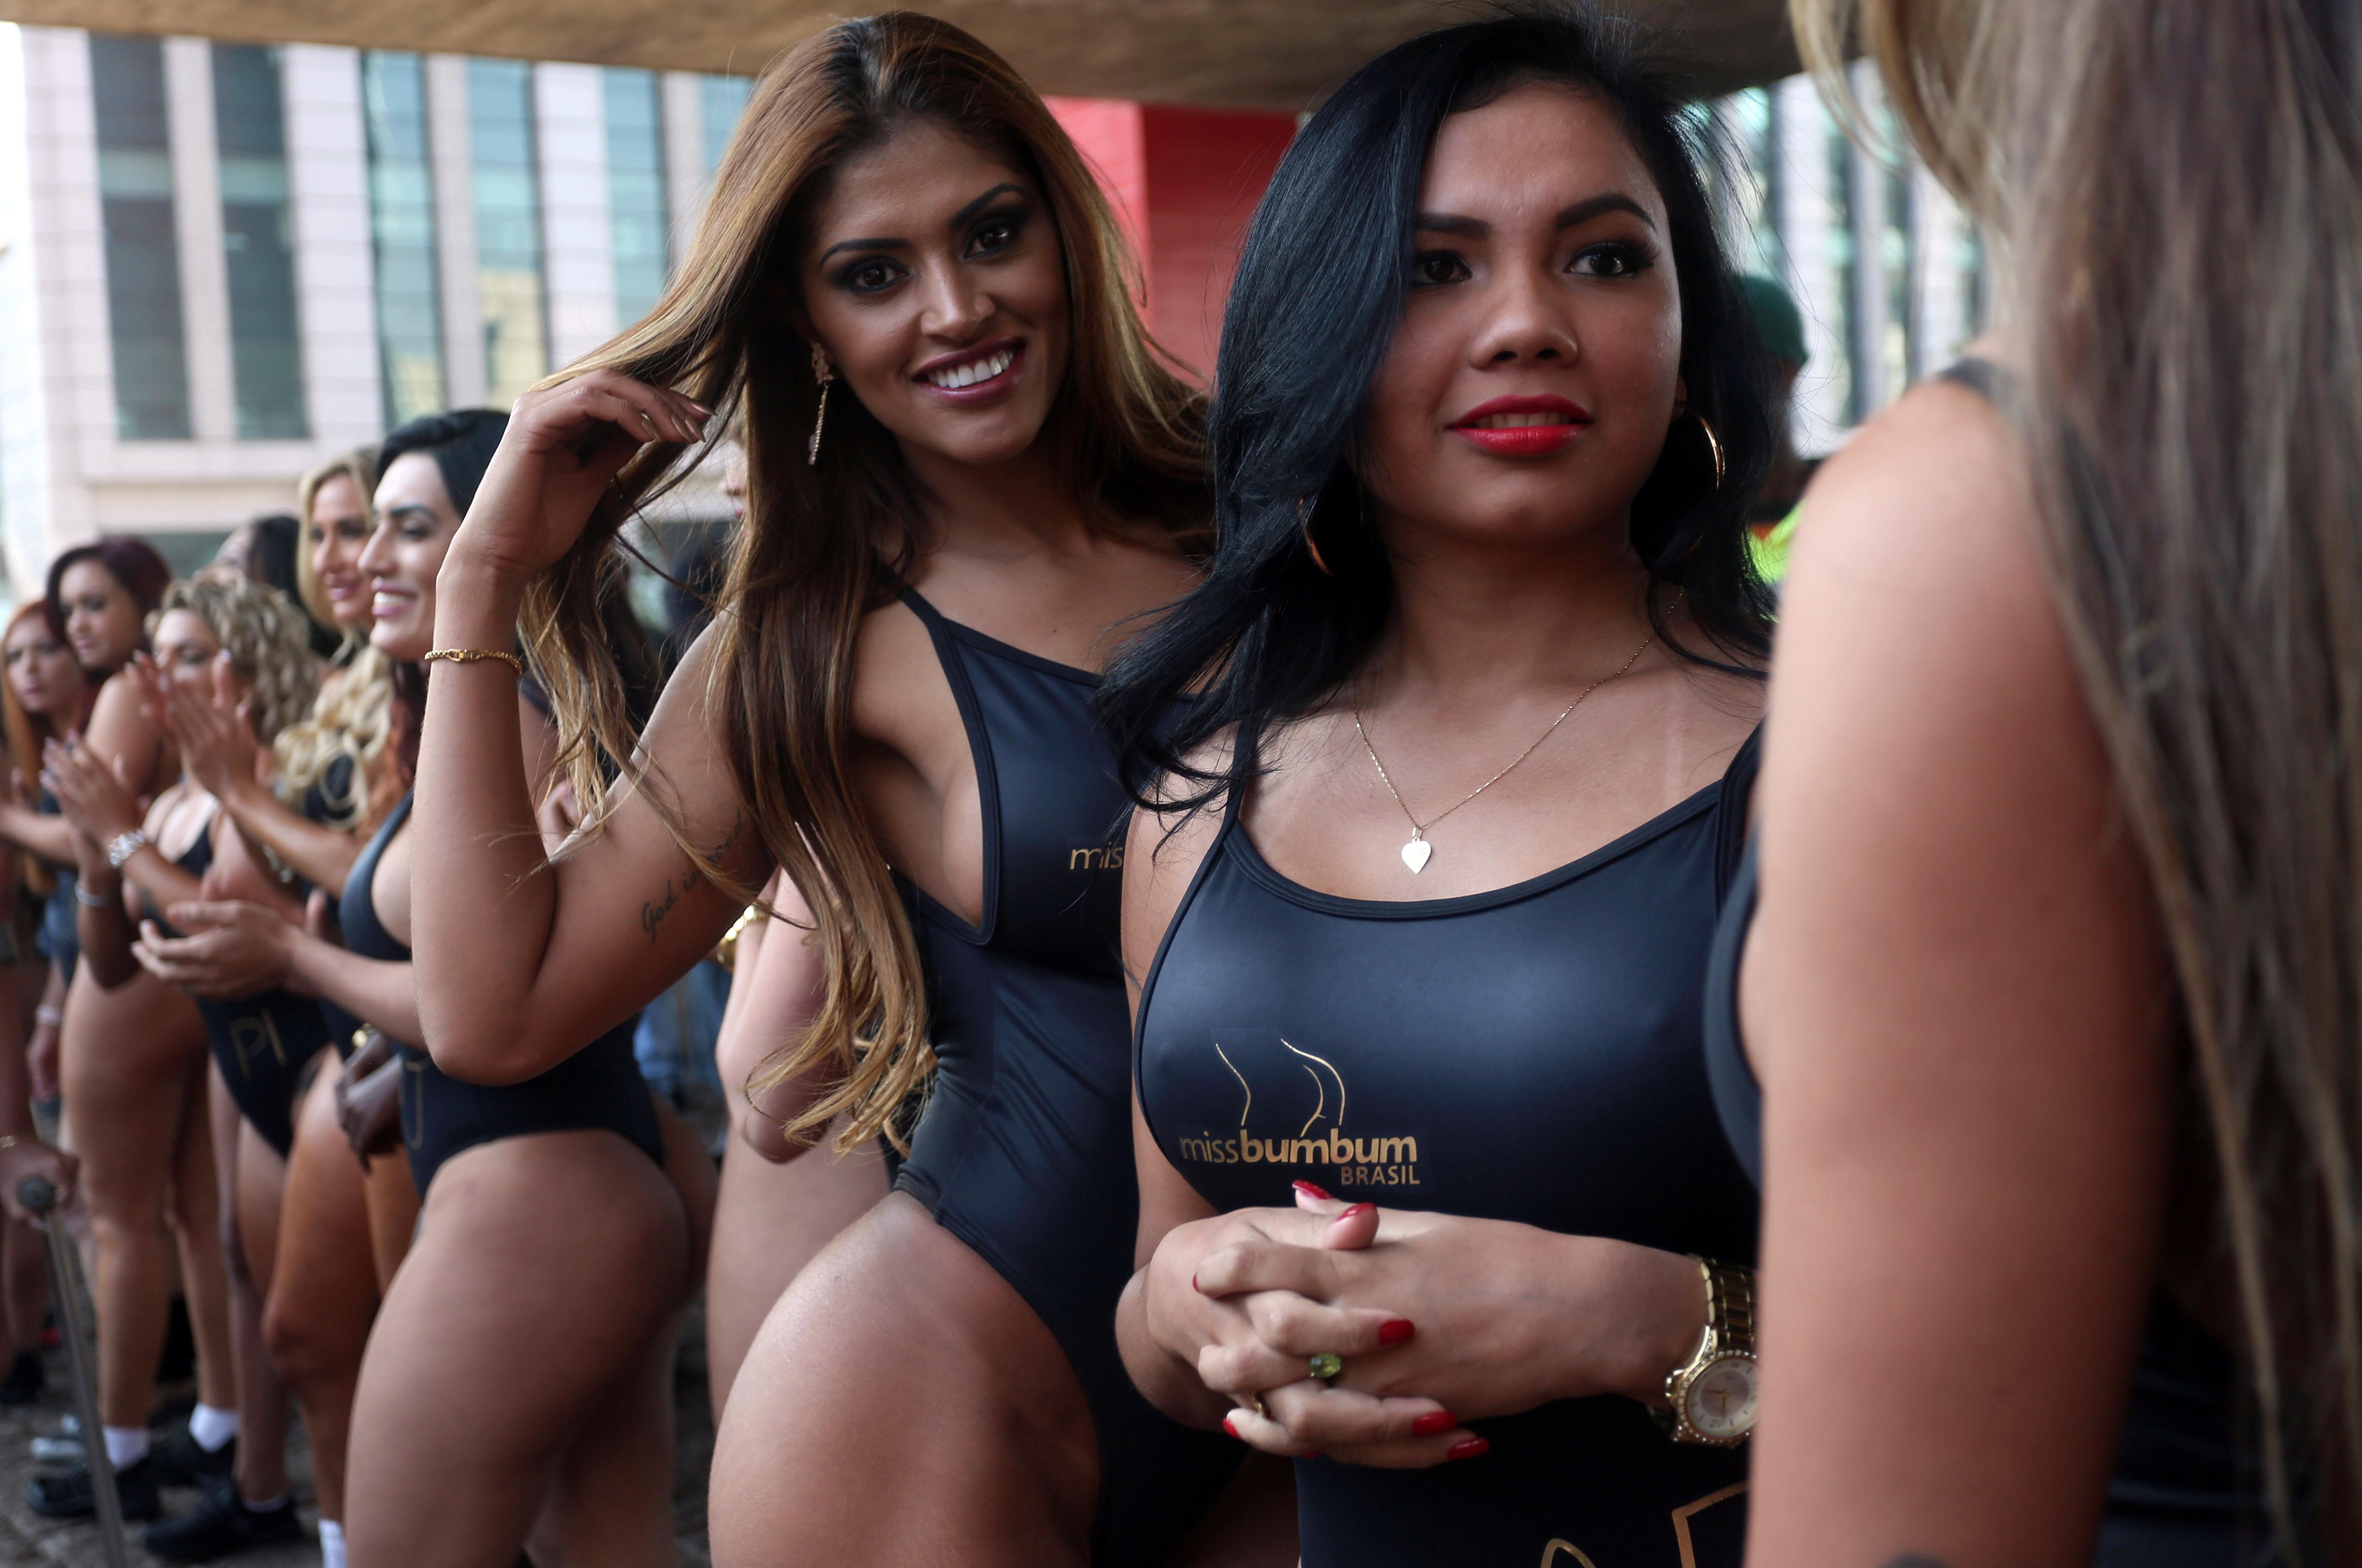 моему мнению видео девушки бразильянки вижу через плечо